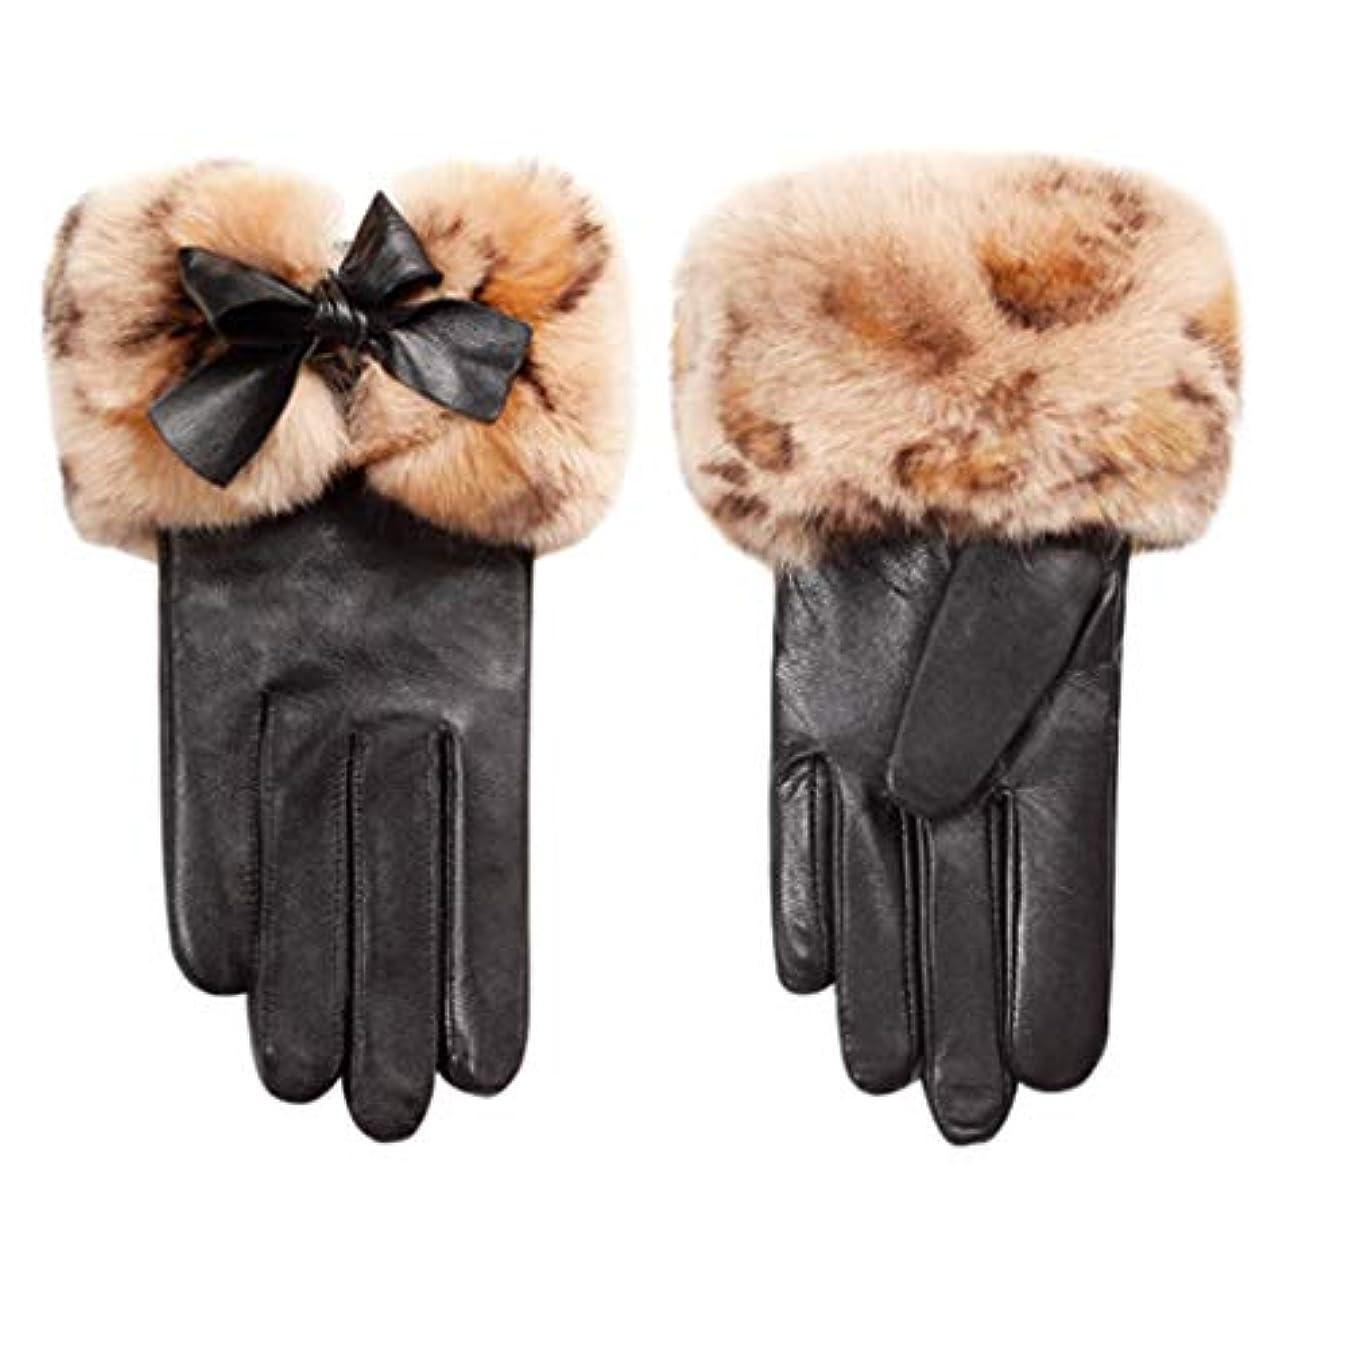 滞在パパ同等の手袋女性の冬プラスベルベット厚い暖かい韓国のかわいい乗り物運転屋外防風レディース革手袋N2E8X81452黒M